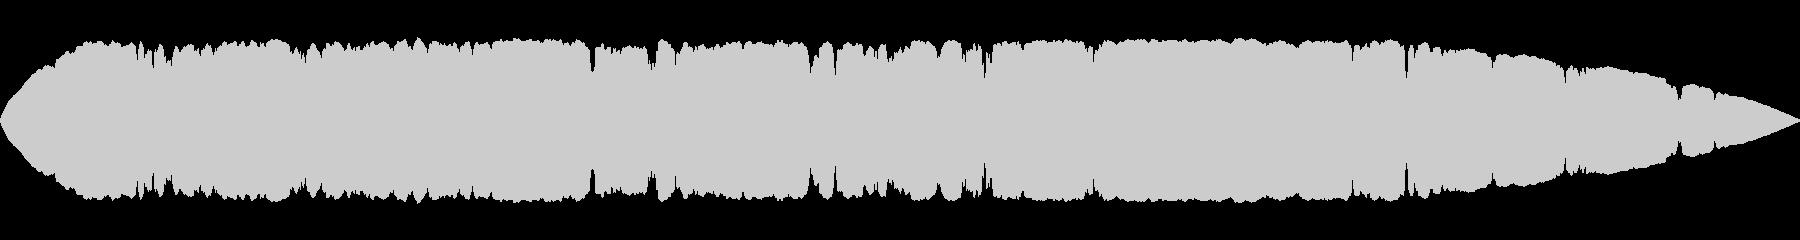 キーン、グルグル(不快な音)の未再生の波形